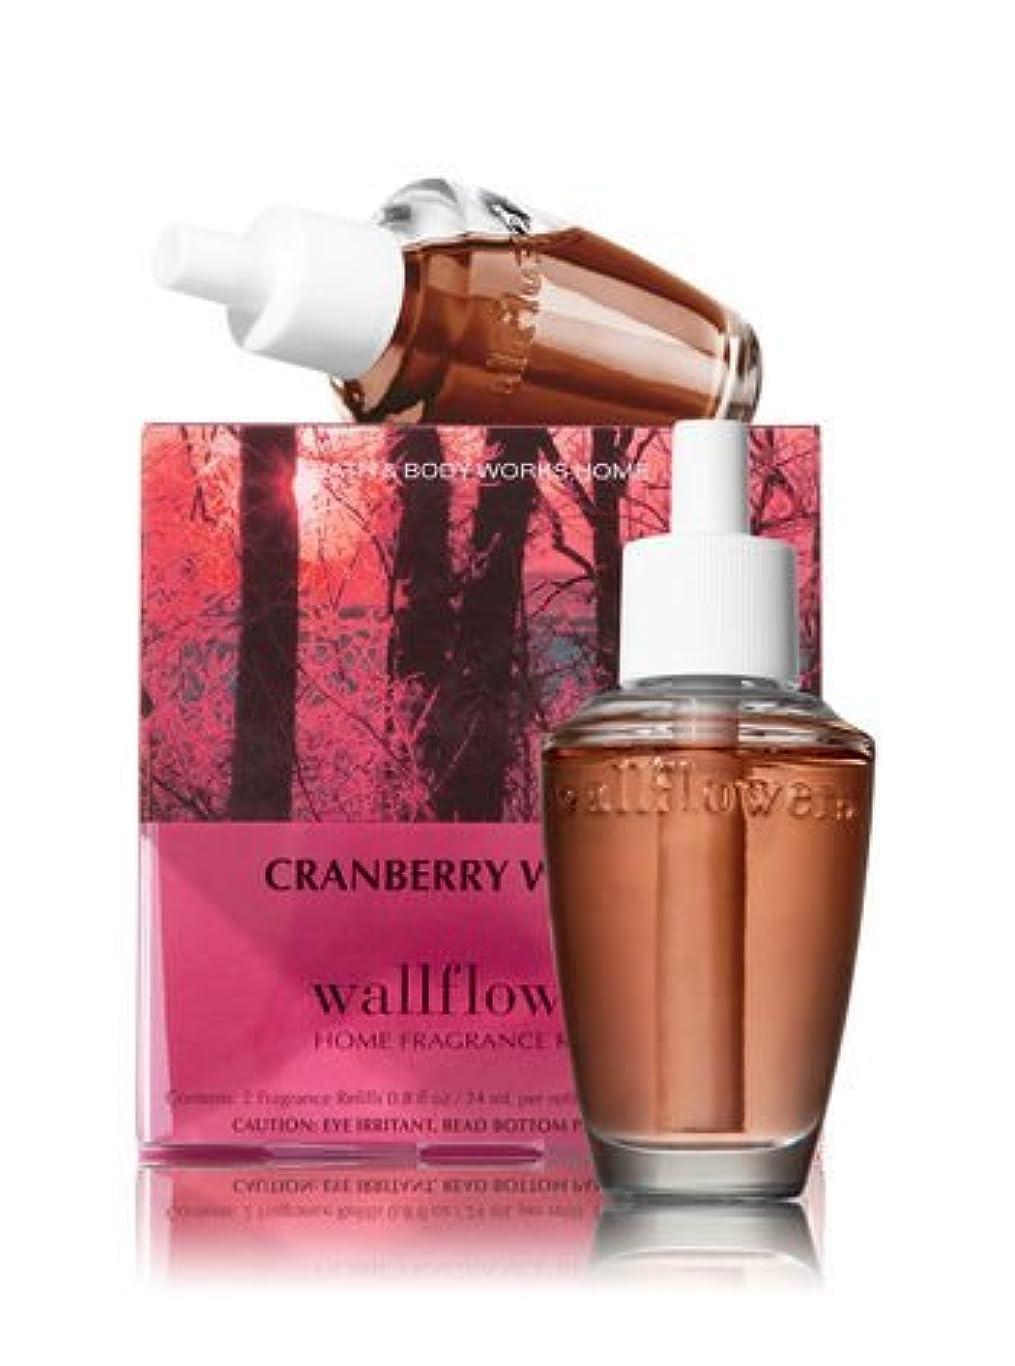 ダルセット気楽なねじれ【Bath&Body Works/バス&ボディワークス】 ルームフレグランス 詰替えリフィル(2個入り) クランベリーウッズ Wallflowers Home Fragrance 2-Pack Refills Cranberry Woods [並行輸入品]